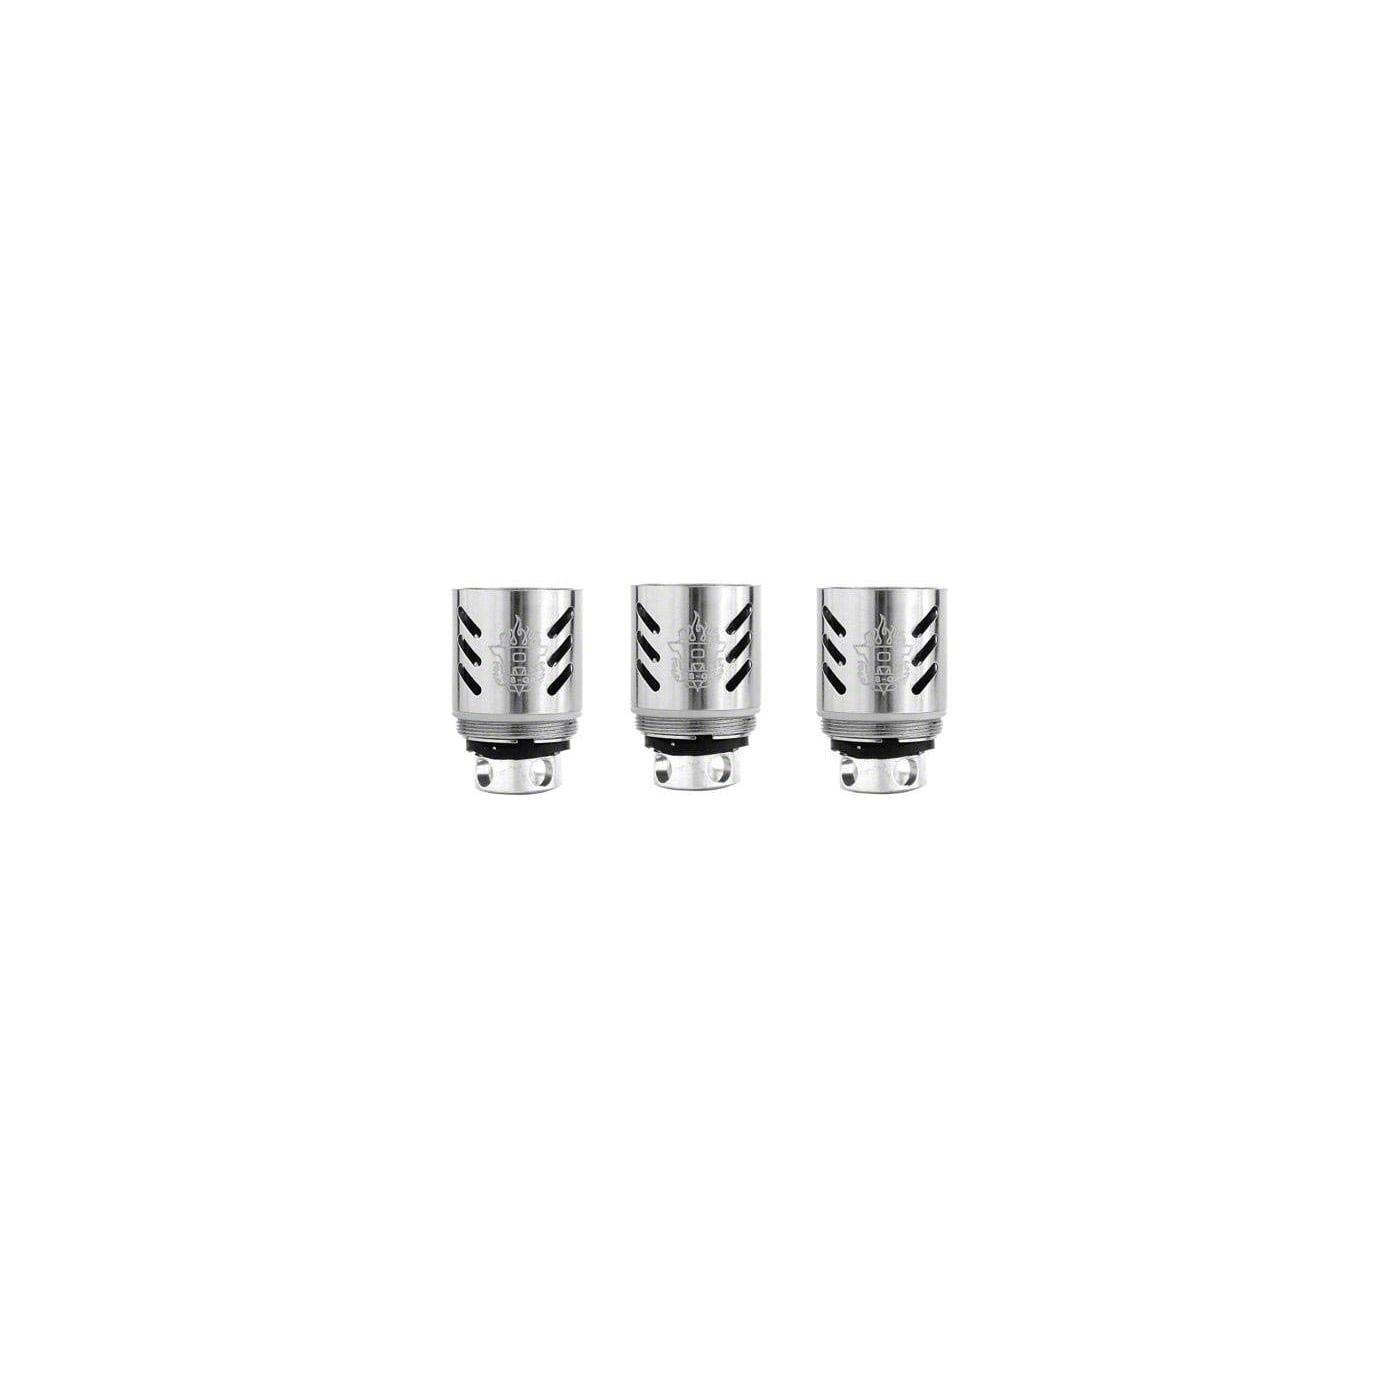 Smok V8-Q4 Coils - 3 Pack